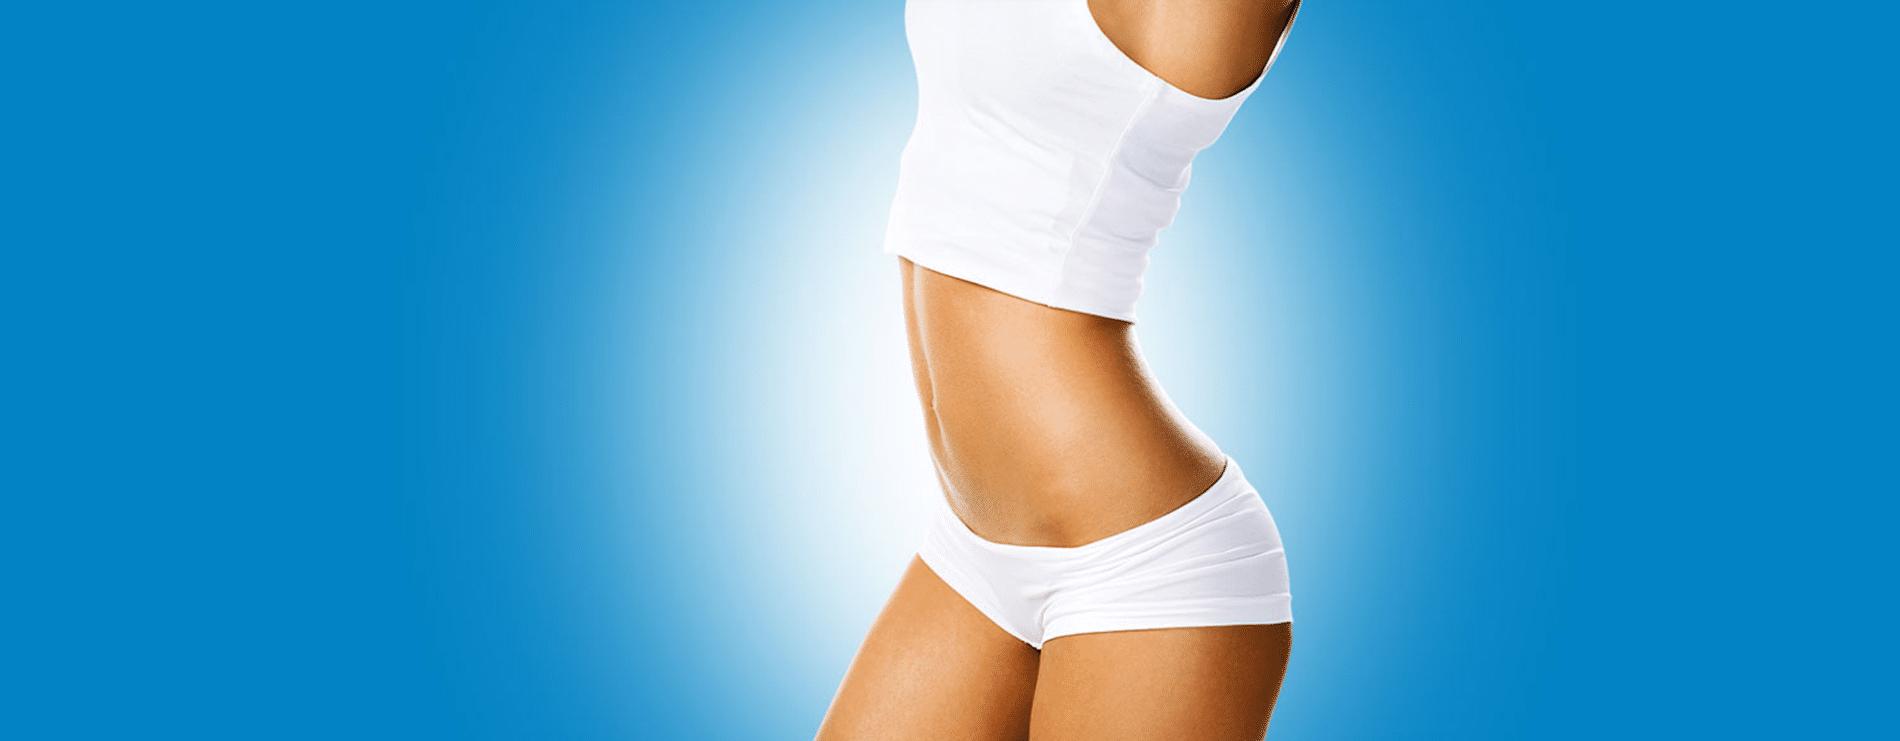 liposuction sonrası beslenme